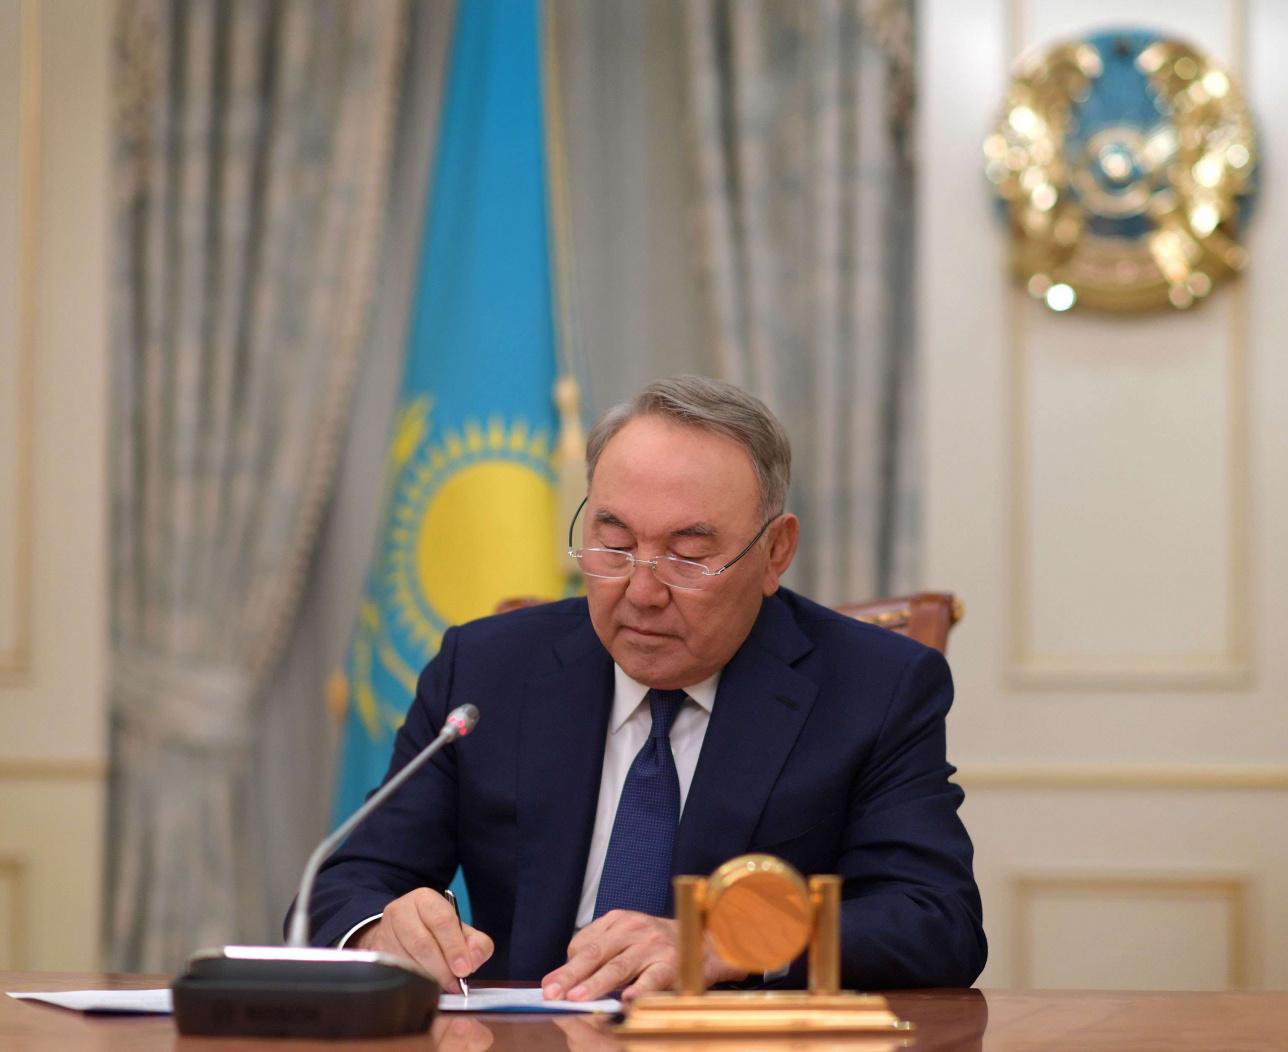 Нурсултан Назарбаев подписывает свой последний президентский указ